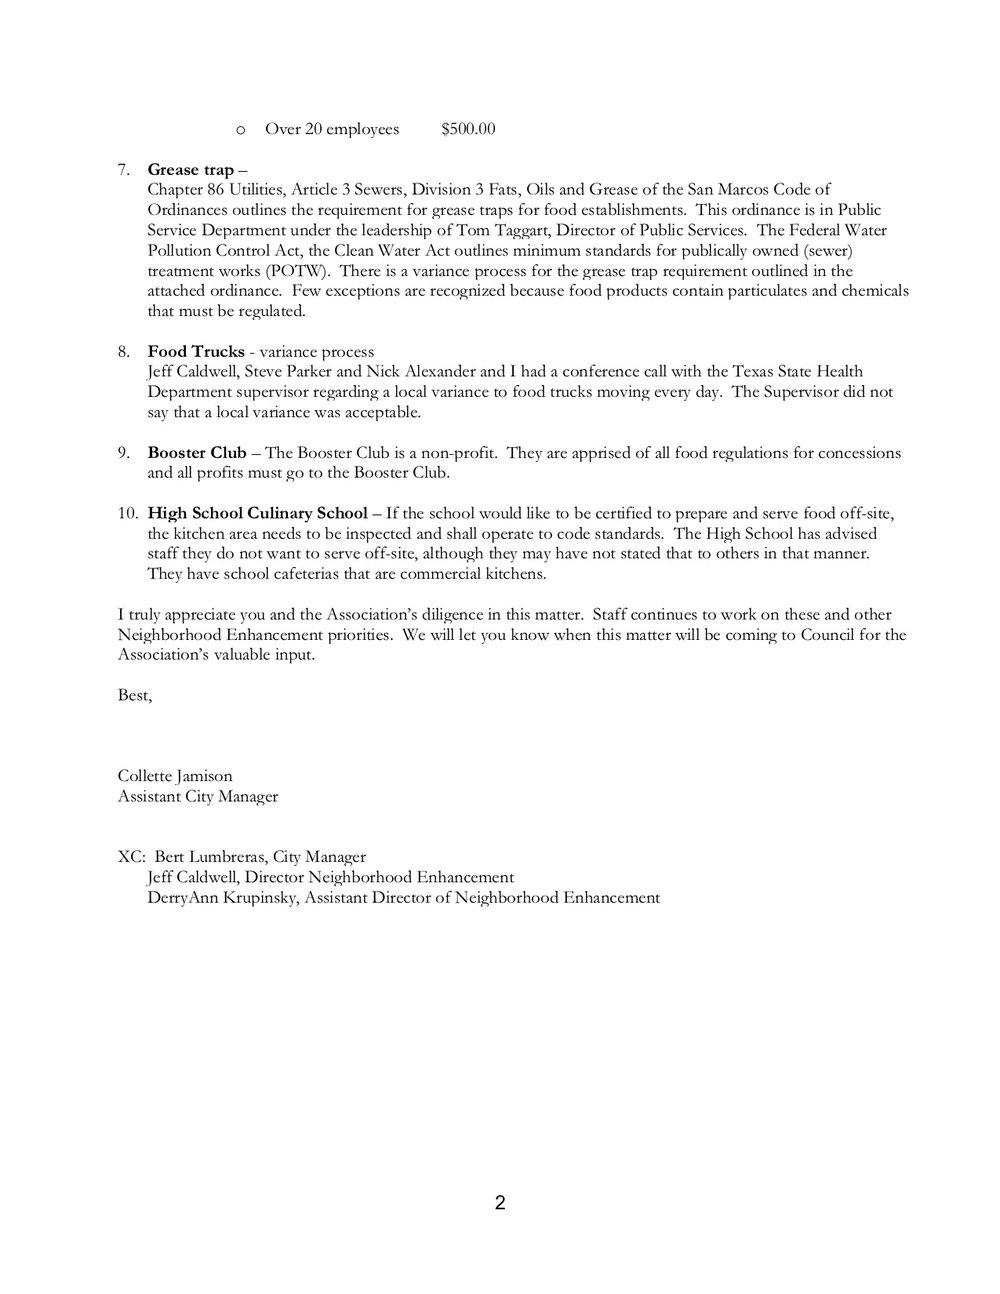 CoSM Letter 2.jpg